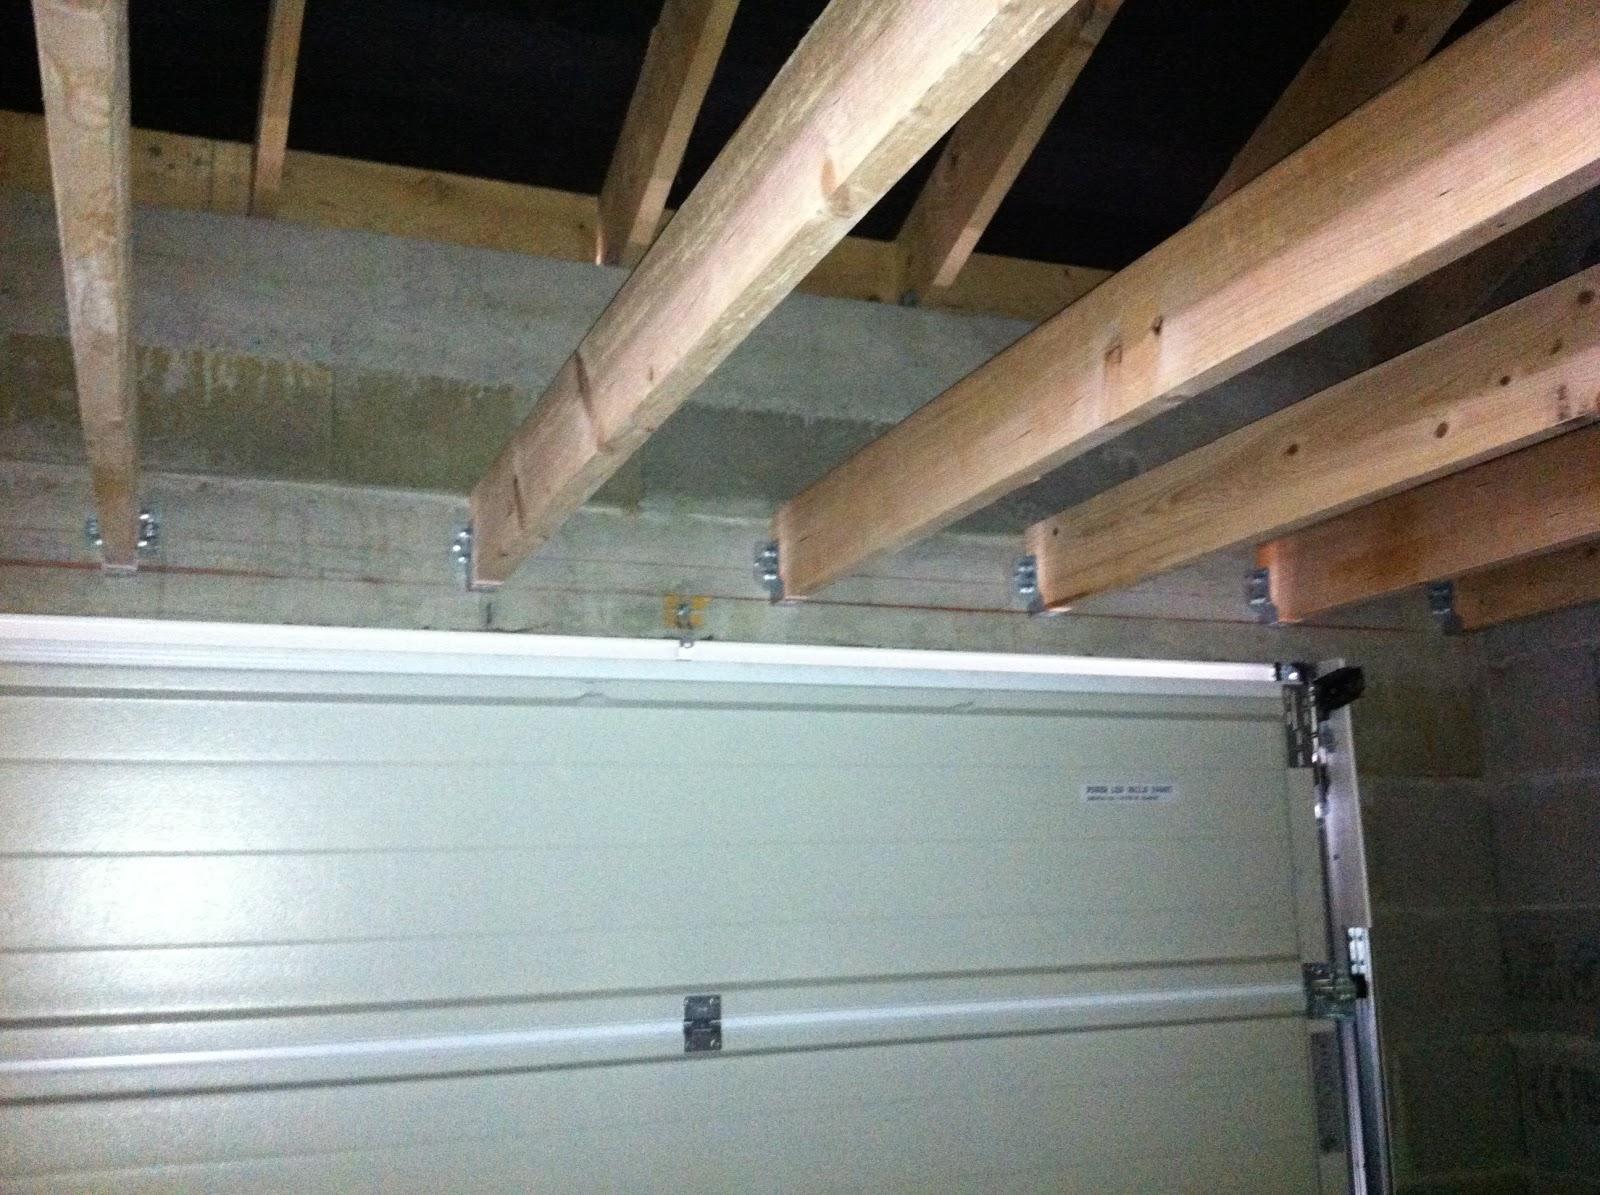 Faire un plancher bois dans un garage id es d coration id es d coration - Faire un plancher en bois dans un garage ...